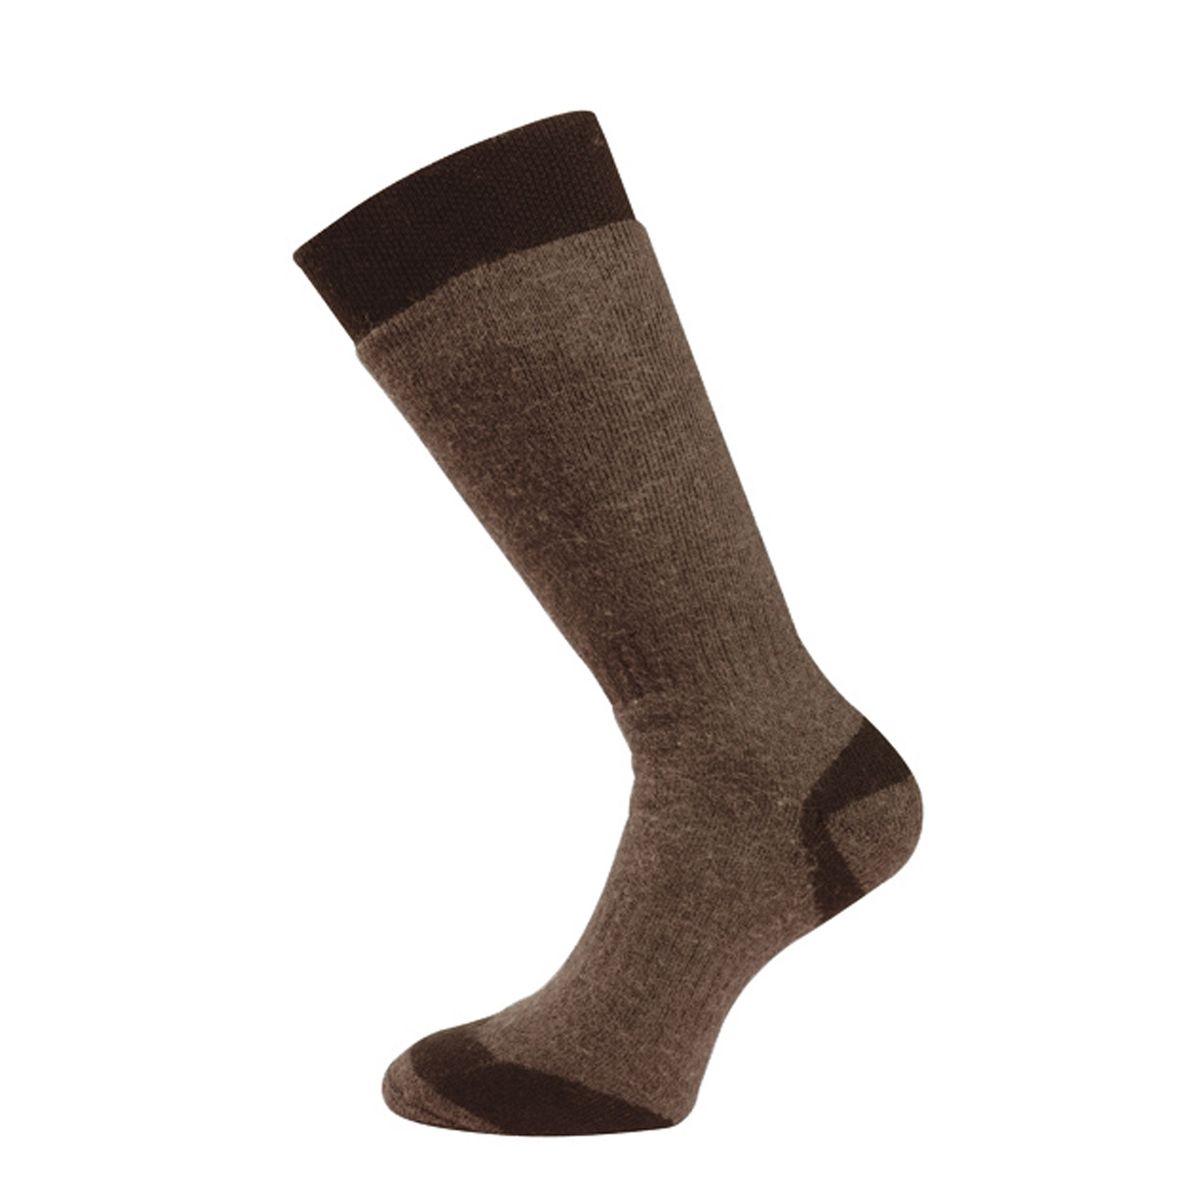 Chaussettes Hautes Pour Bottes (1 Paire) - Homme